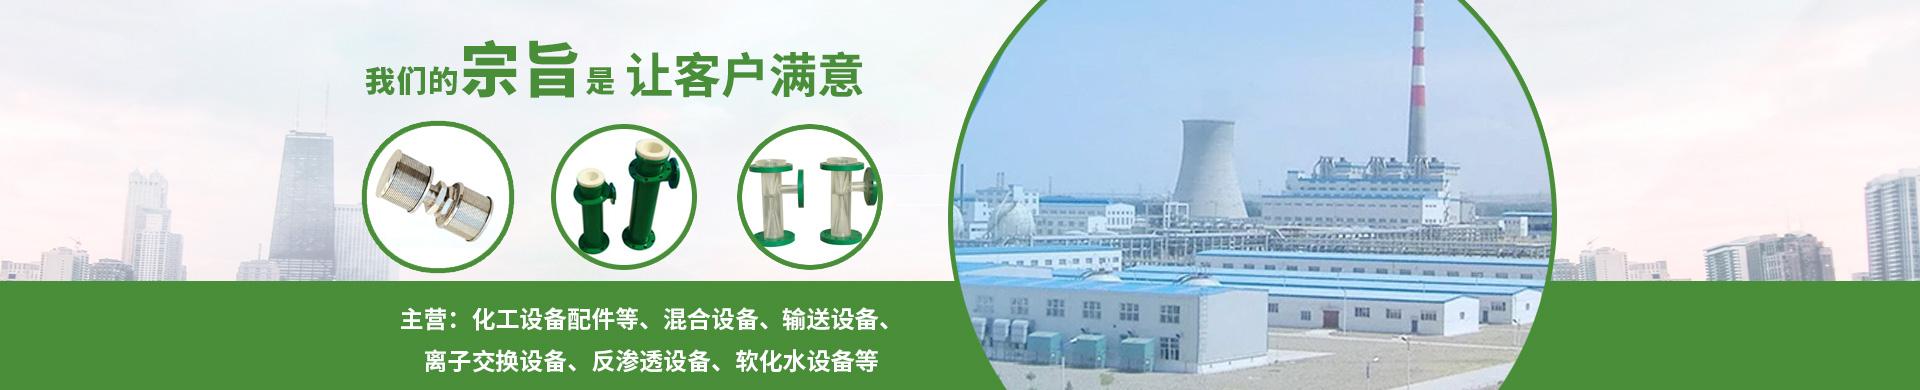 泰州市海阳净化设备有限公司